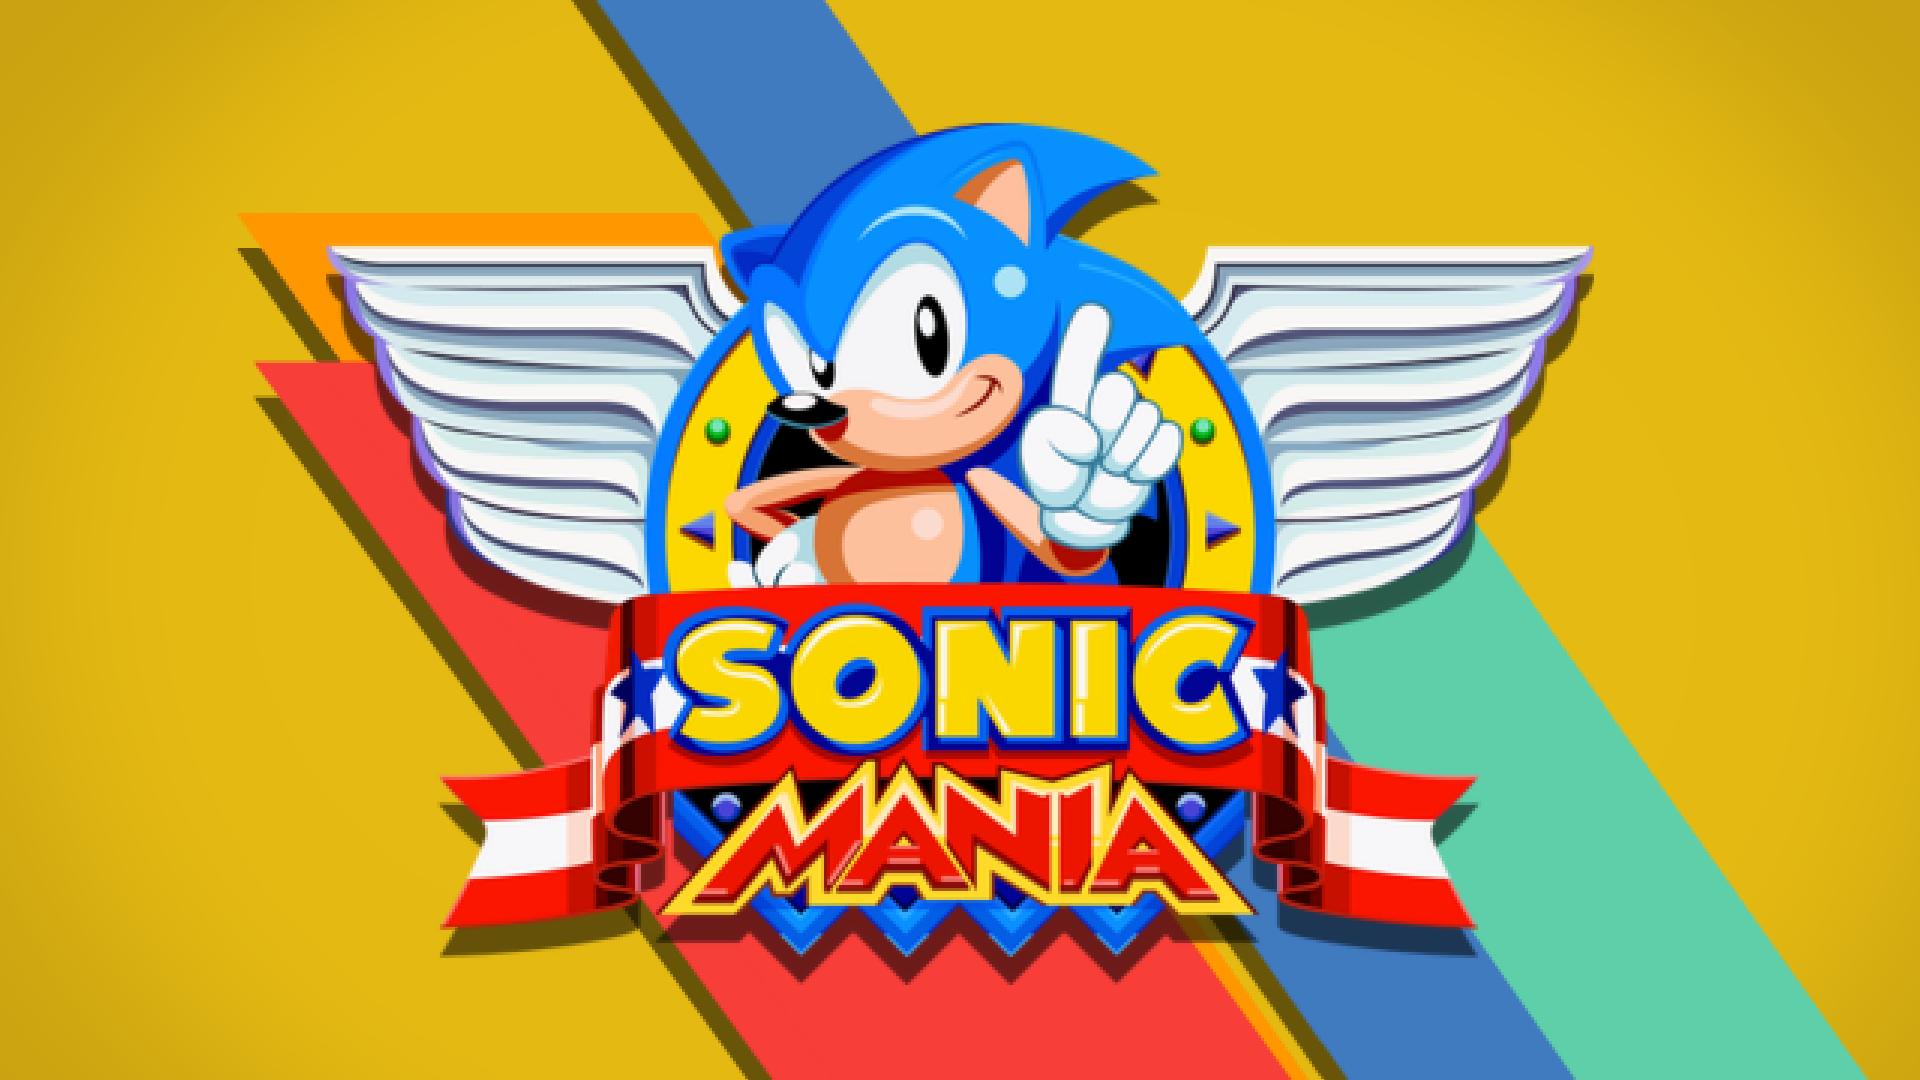 Sonic Mania solo ocupará 200 megas en el disco duro